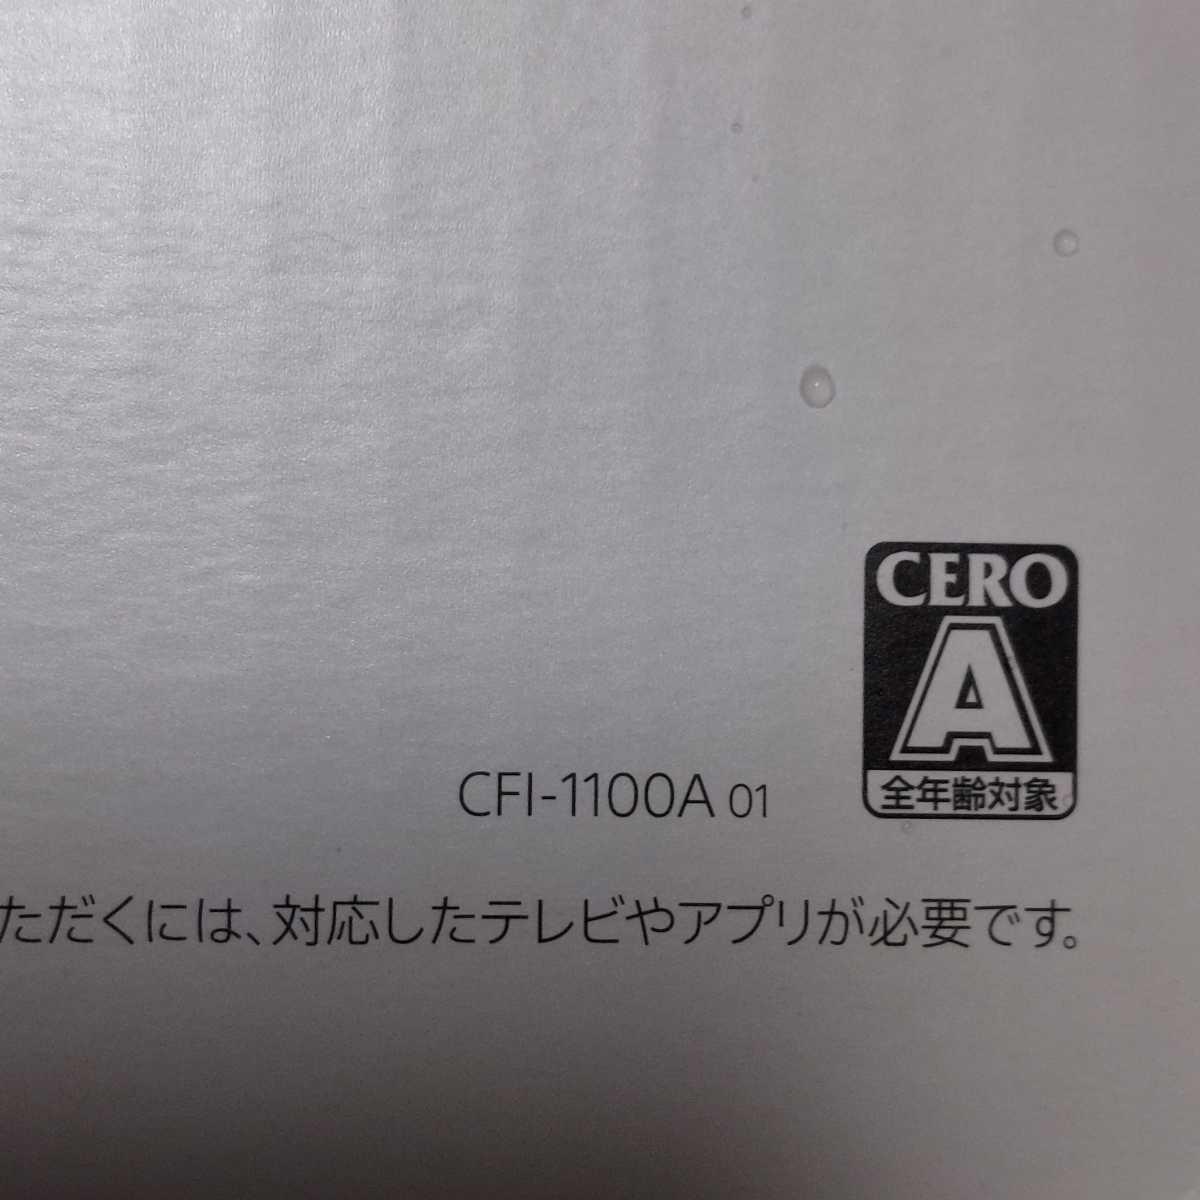 プレステ5 PlayStation 5 CFI-1100A01 通常版 日本製【最新 軽量版 PS5】プレイステーション5 本体 ディスクドライブ搭載モデル 送料無料_画像2